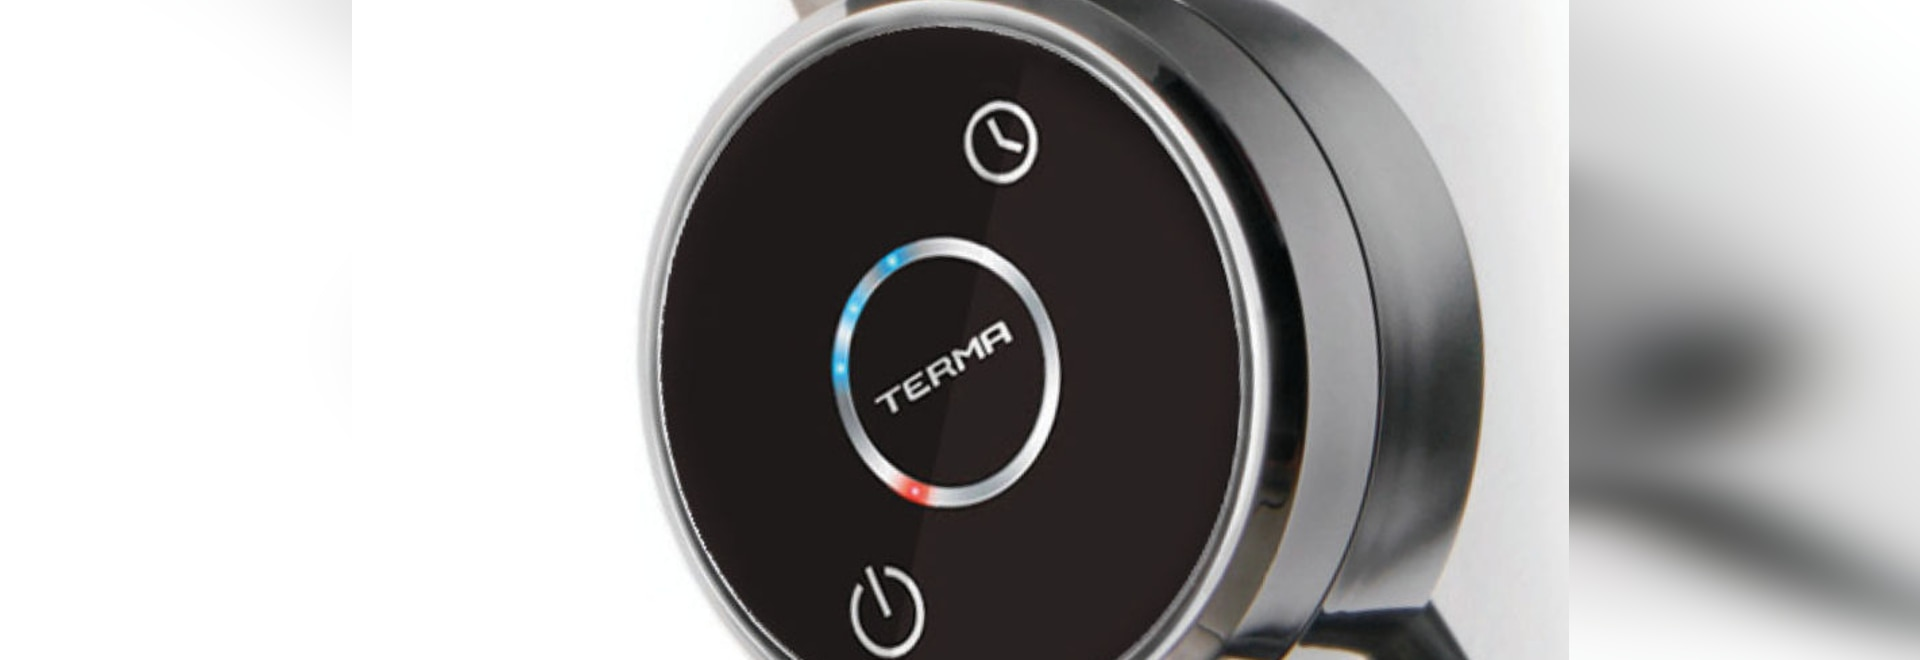 NEW: radiator thermostat by Terma Sp. z o.o.